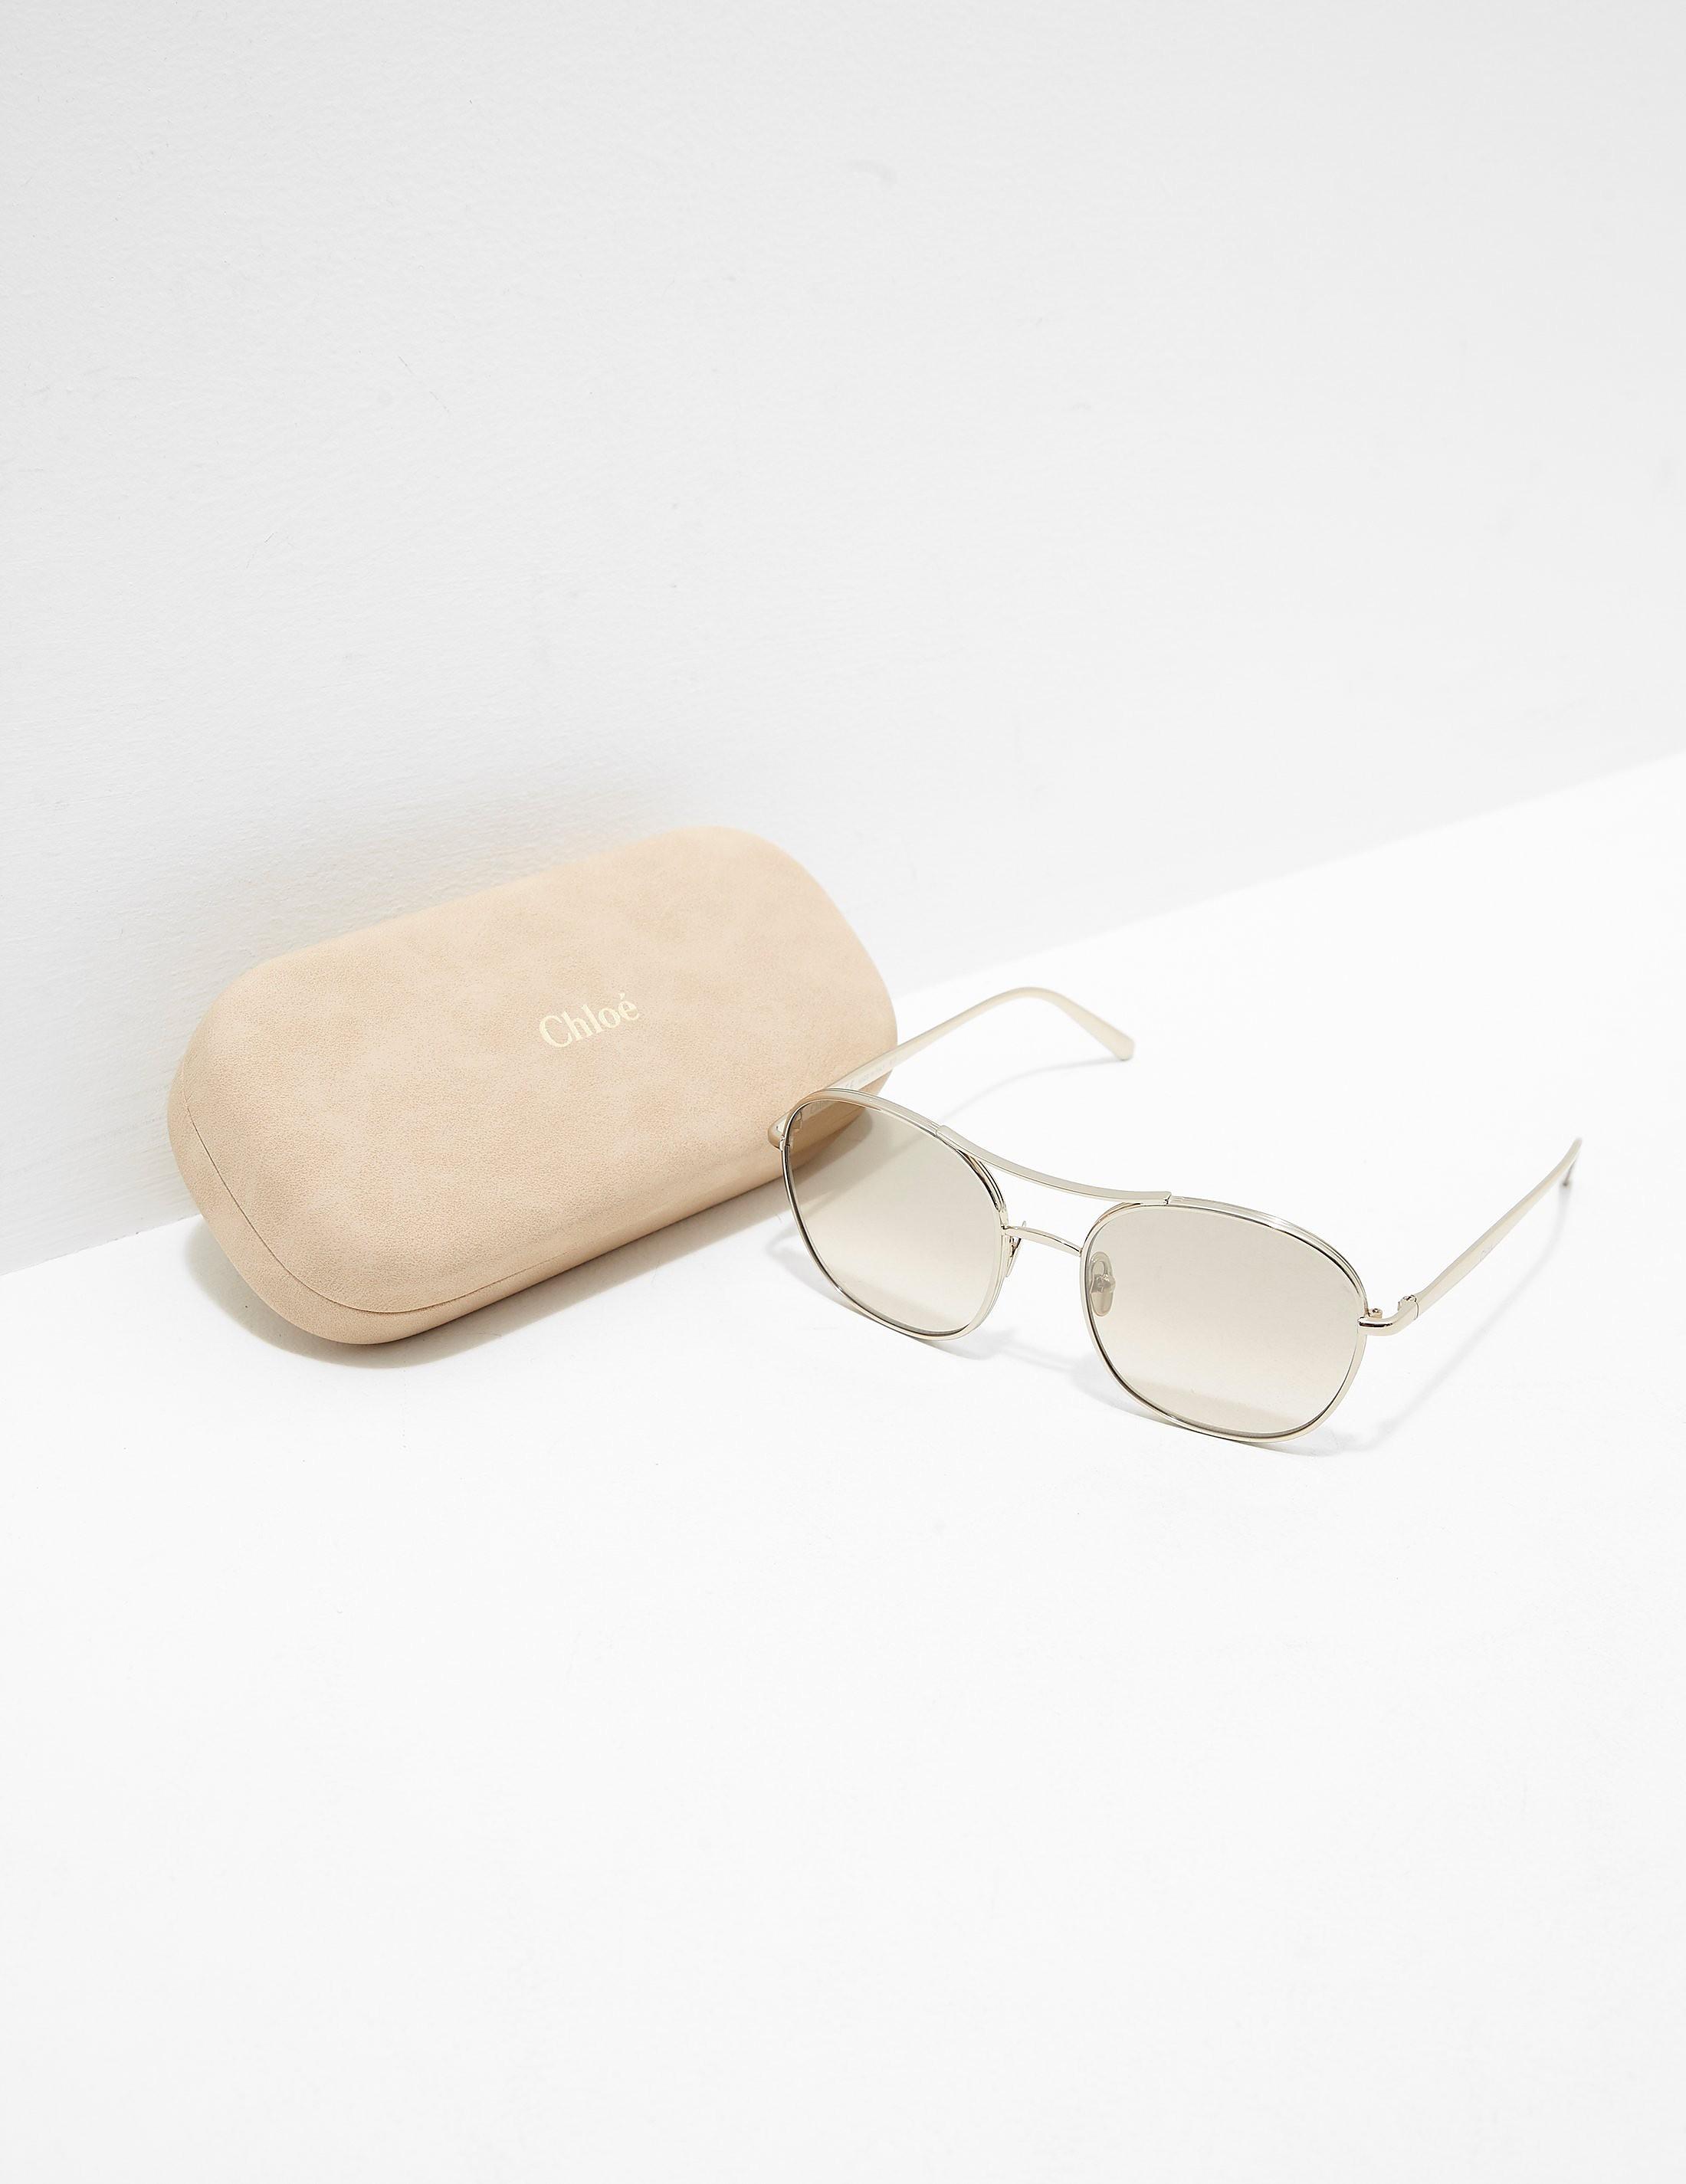 Chloe Metal Sunglasses